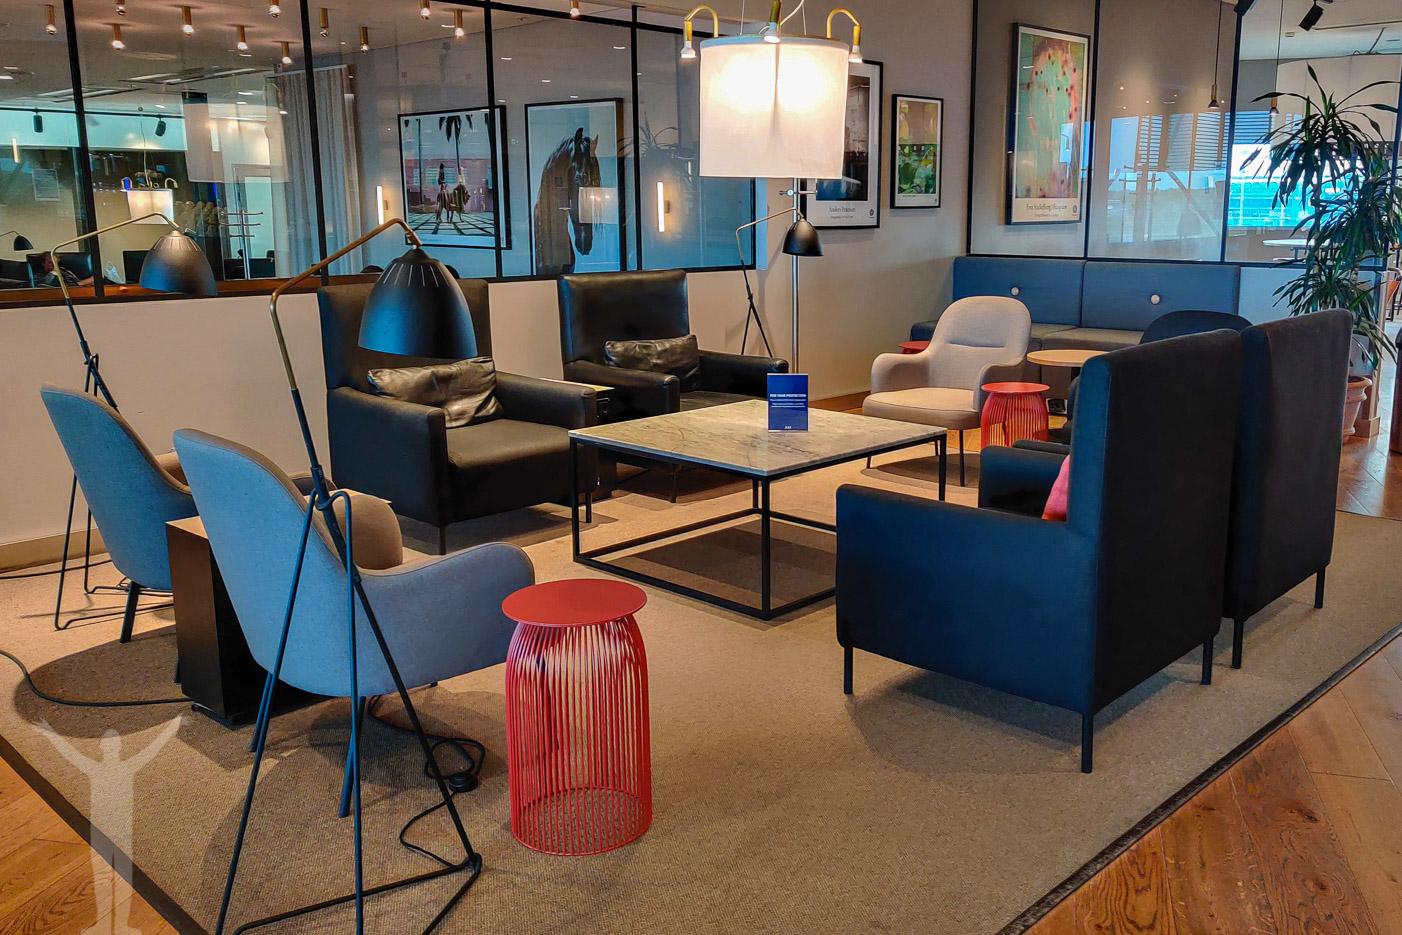 Vardagsrumskänsla i SAS Gold Lounge på Arlanda